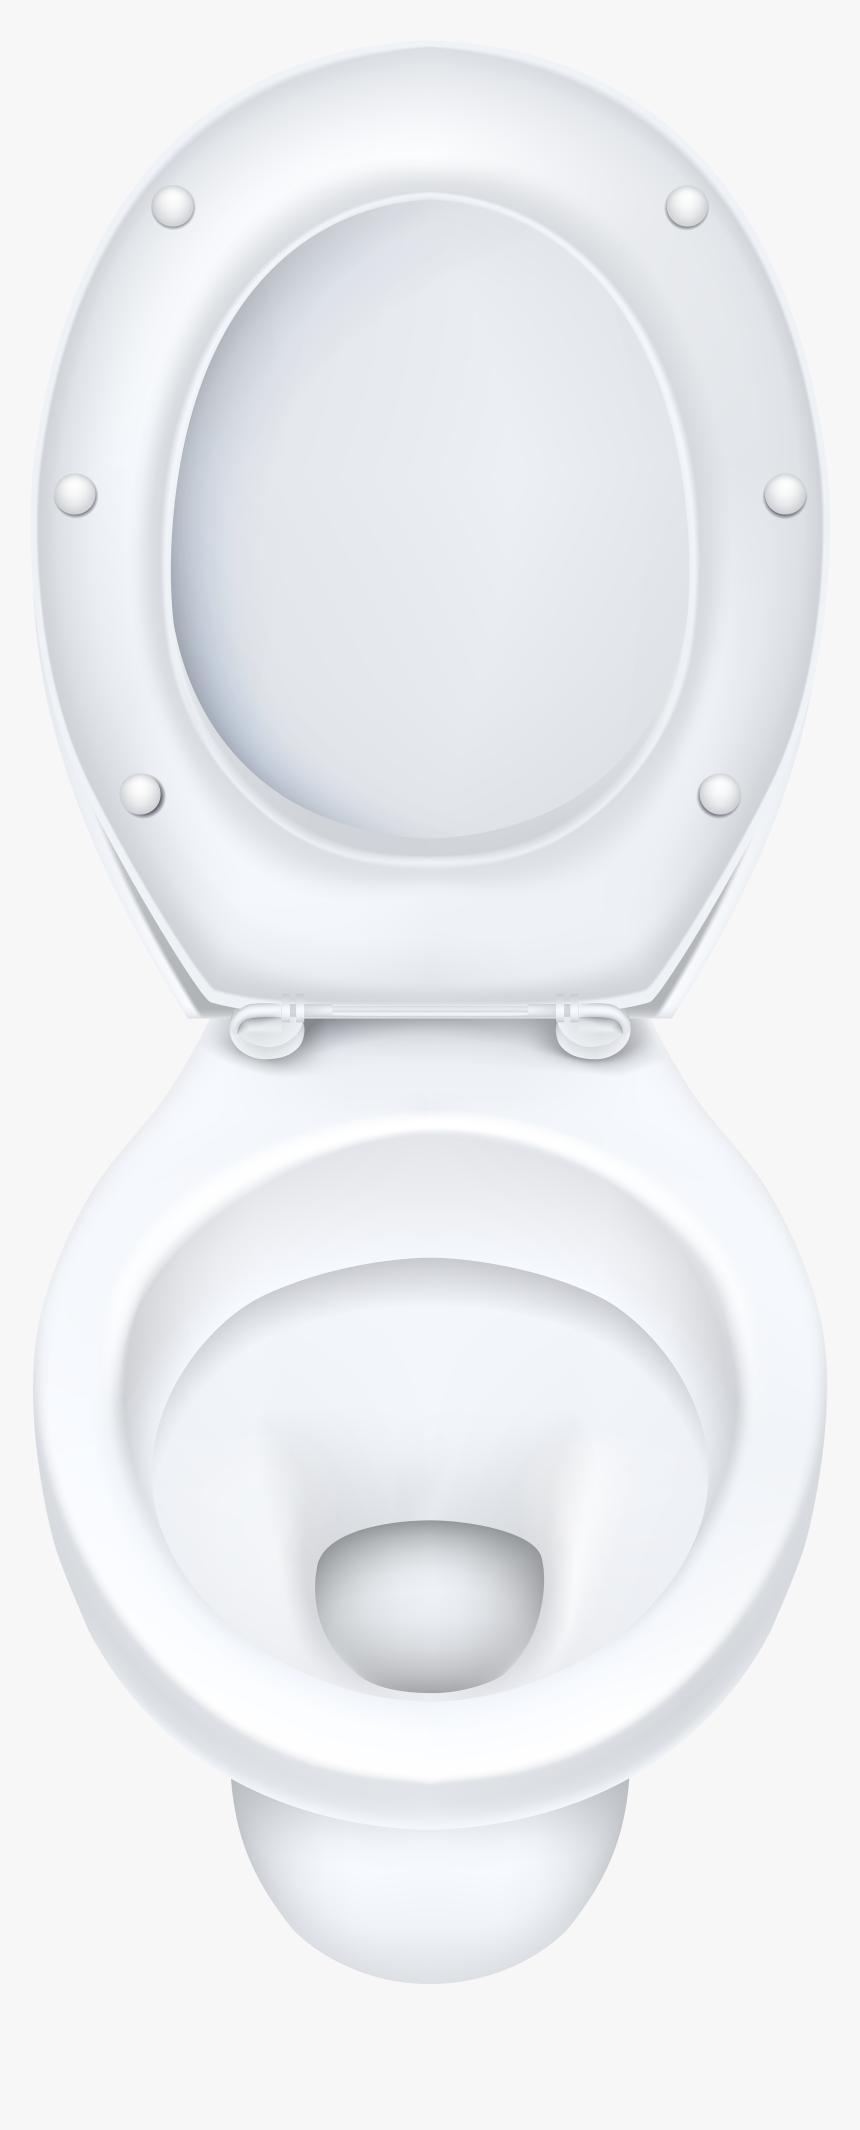 White Toilet Bowl Png Clip Art - Toilet Bowl Clip Art, Transparent Png, Free Download